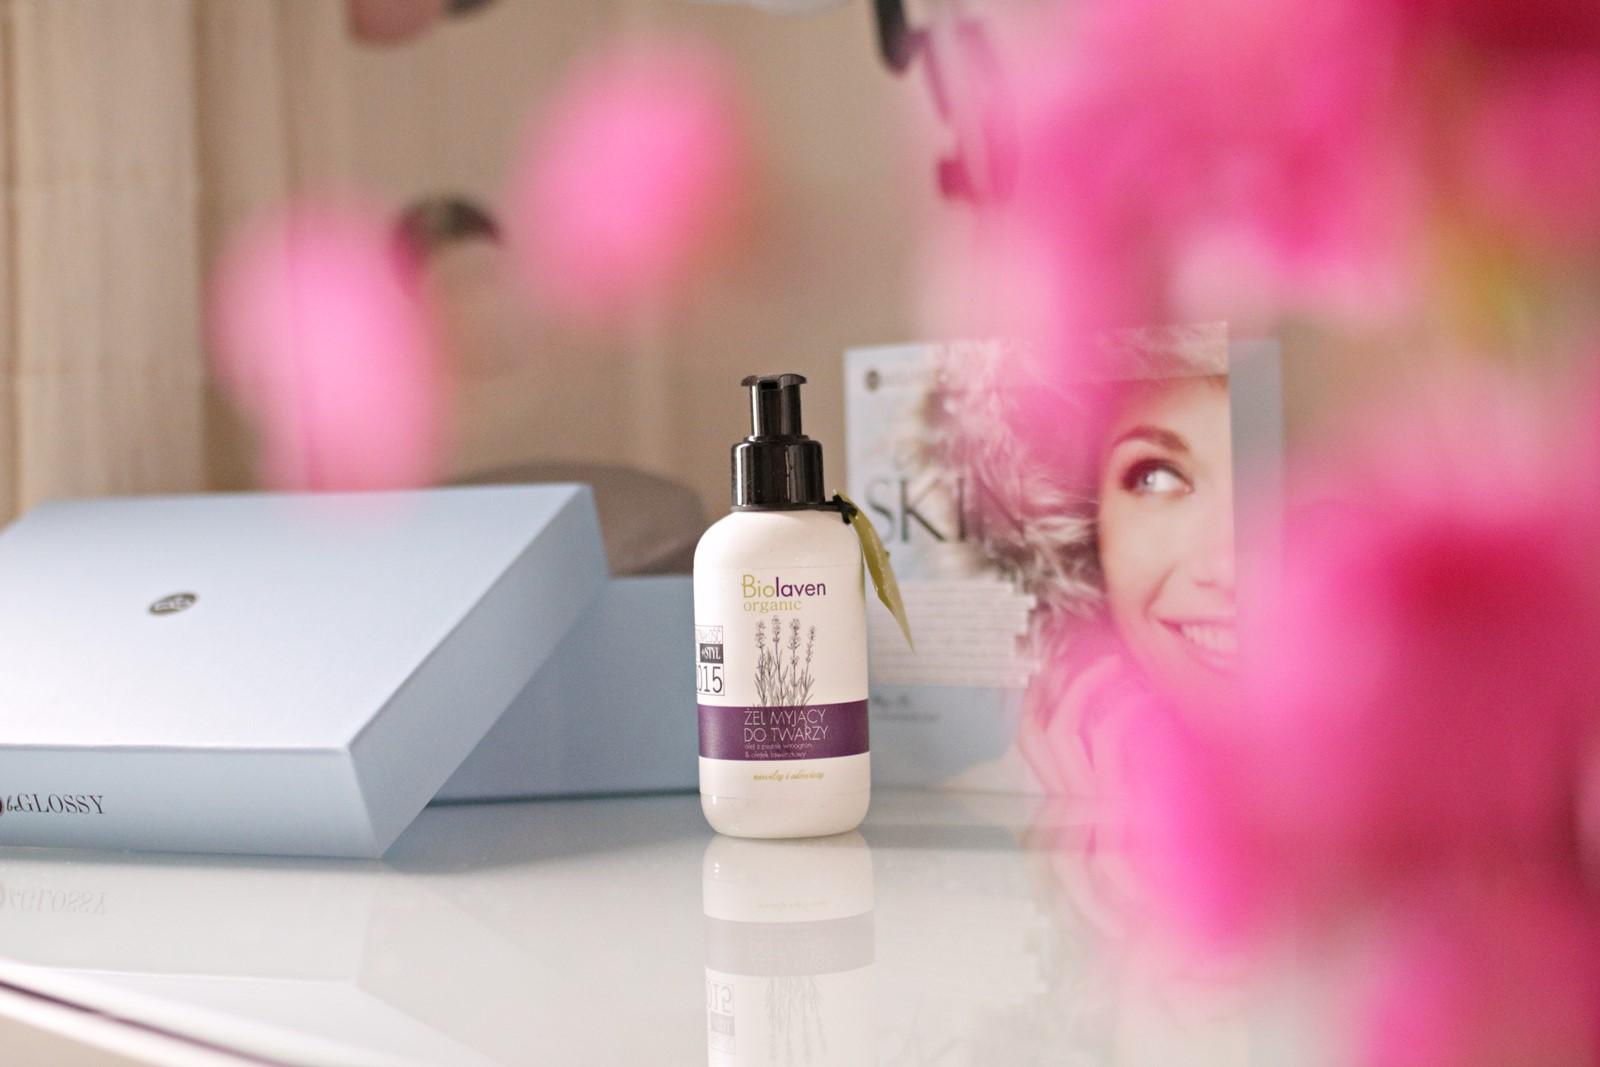 beGLOSSY Begin With Skin - żel myjący biolaven